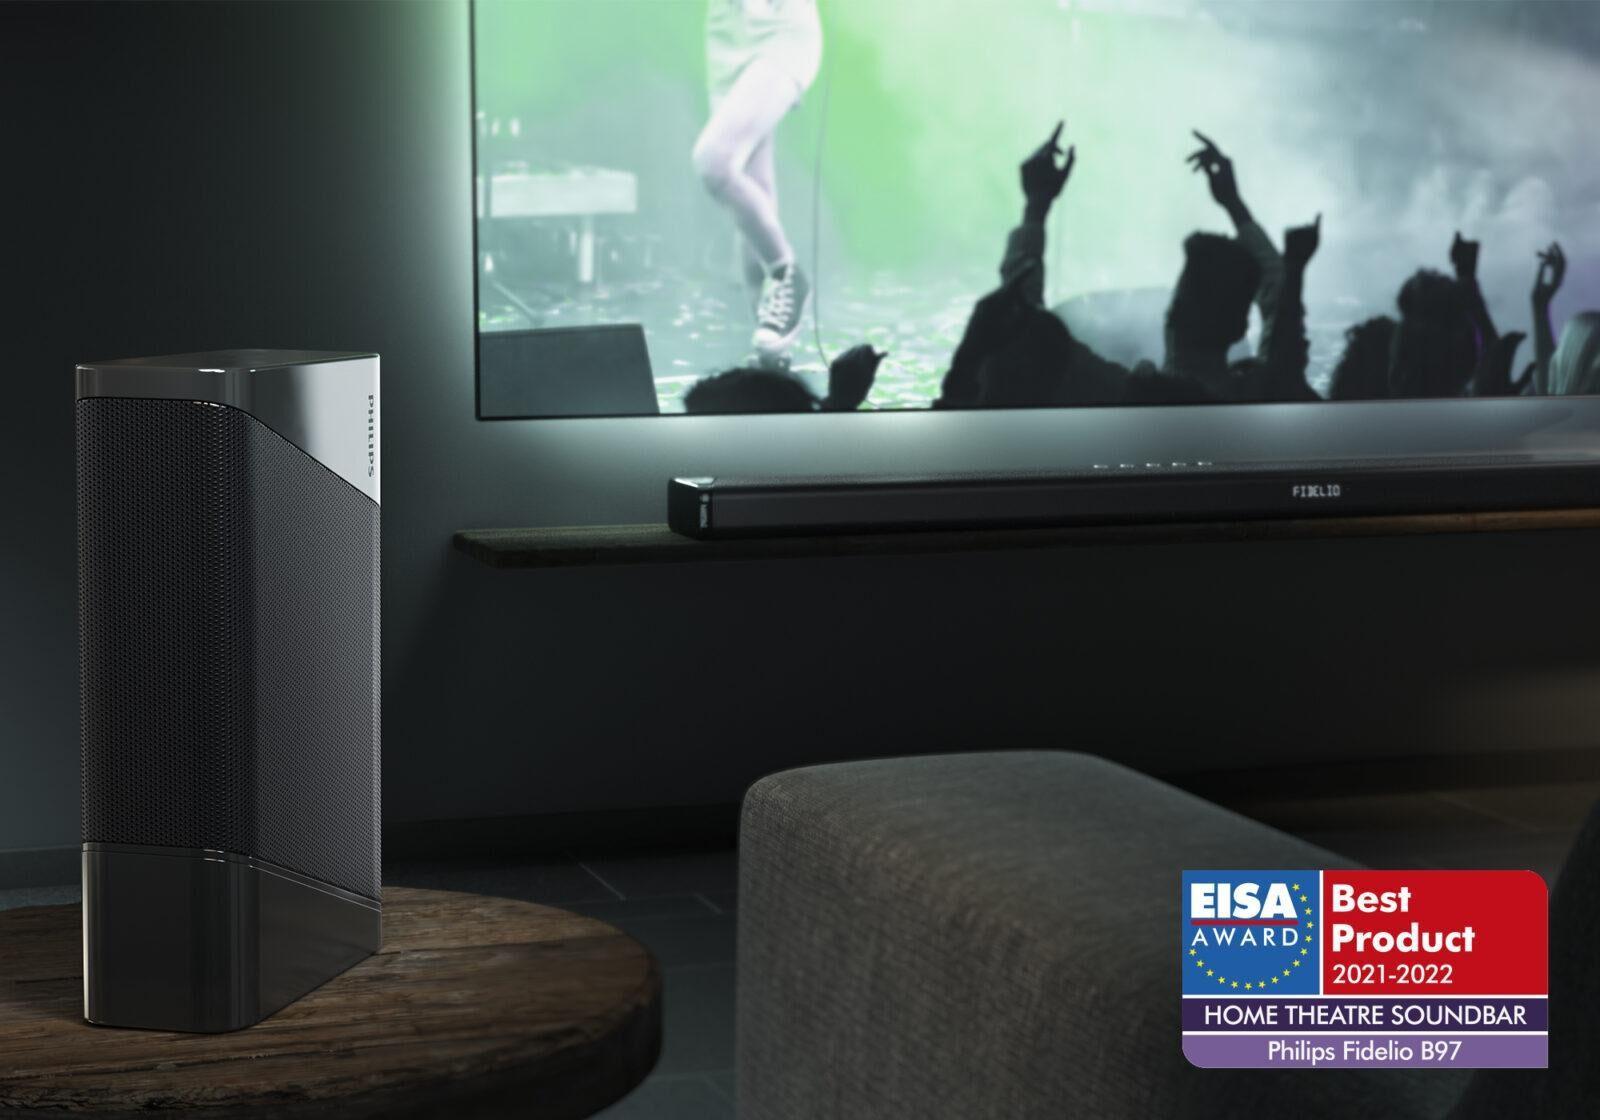 Аудиотехника и телевизоры Philips получили четыре премии EISA (fidelio b97 lifestyle)